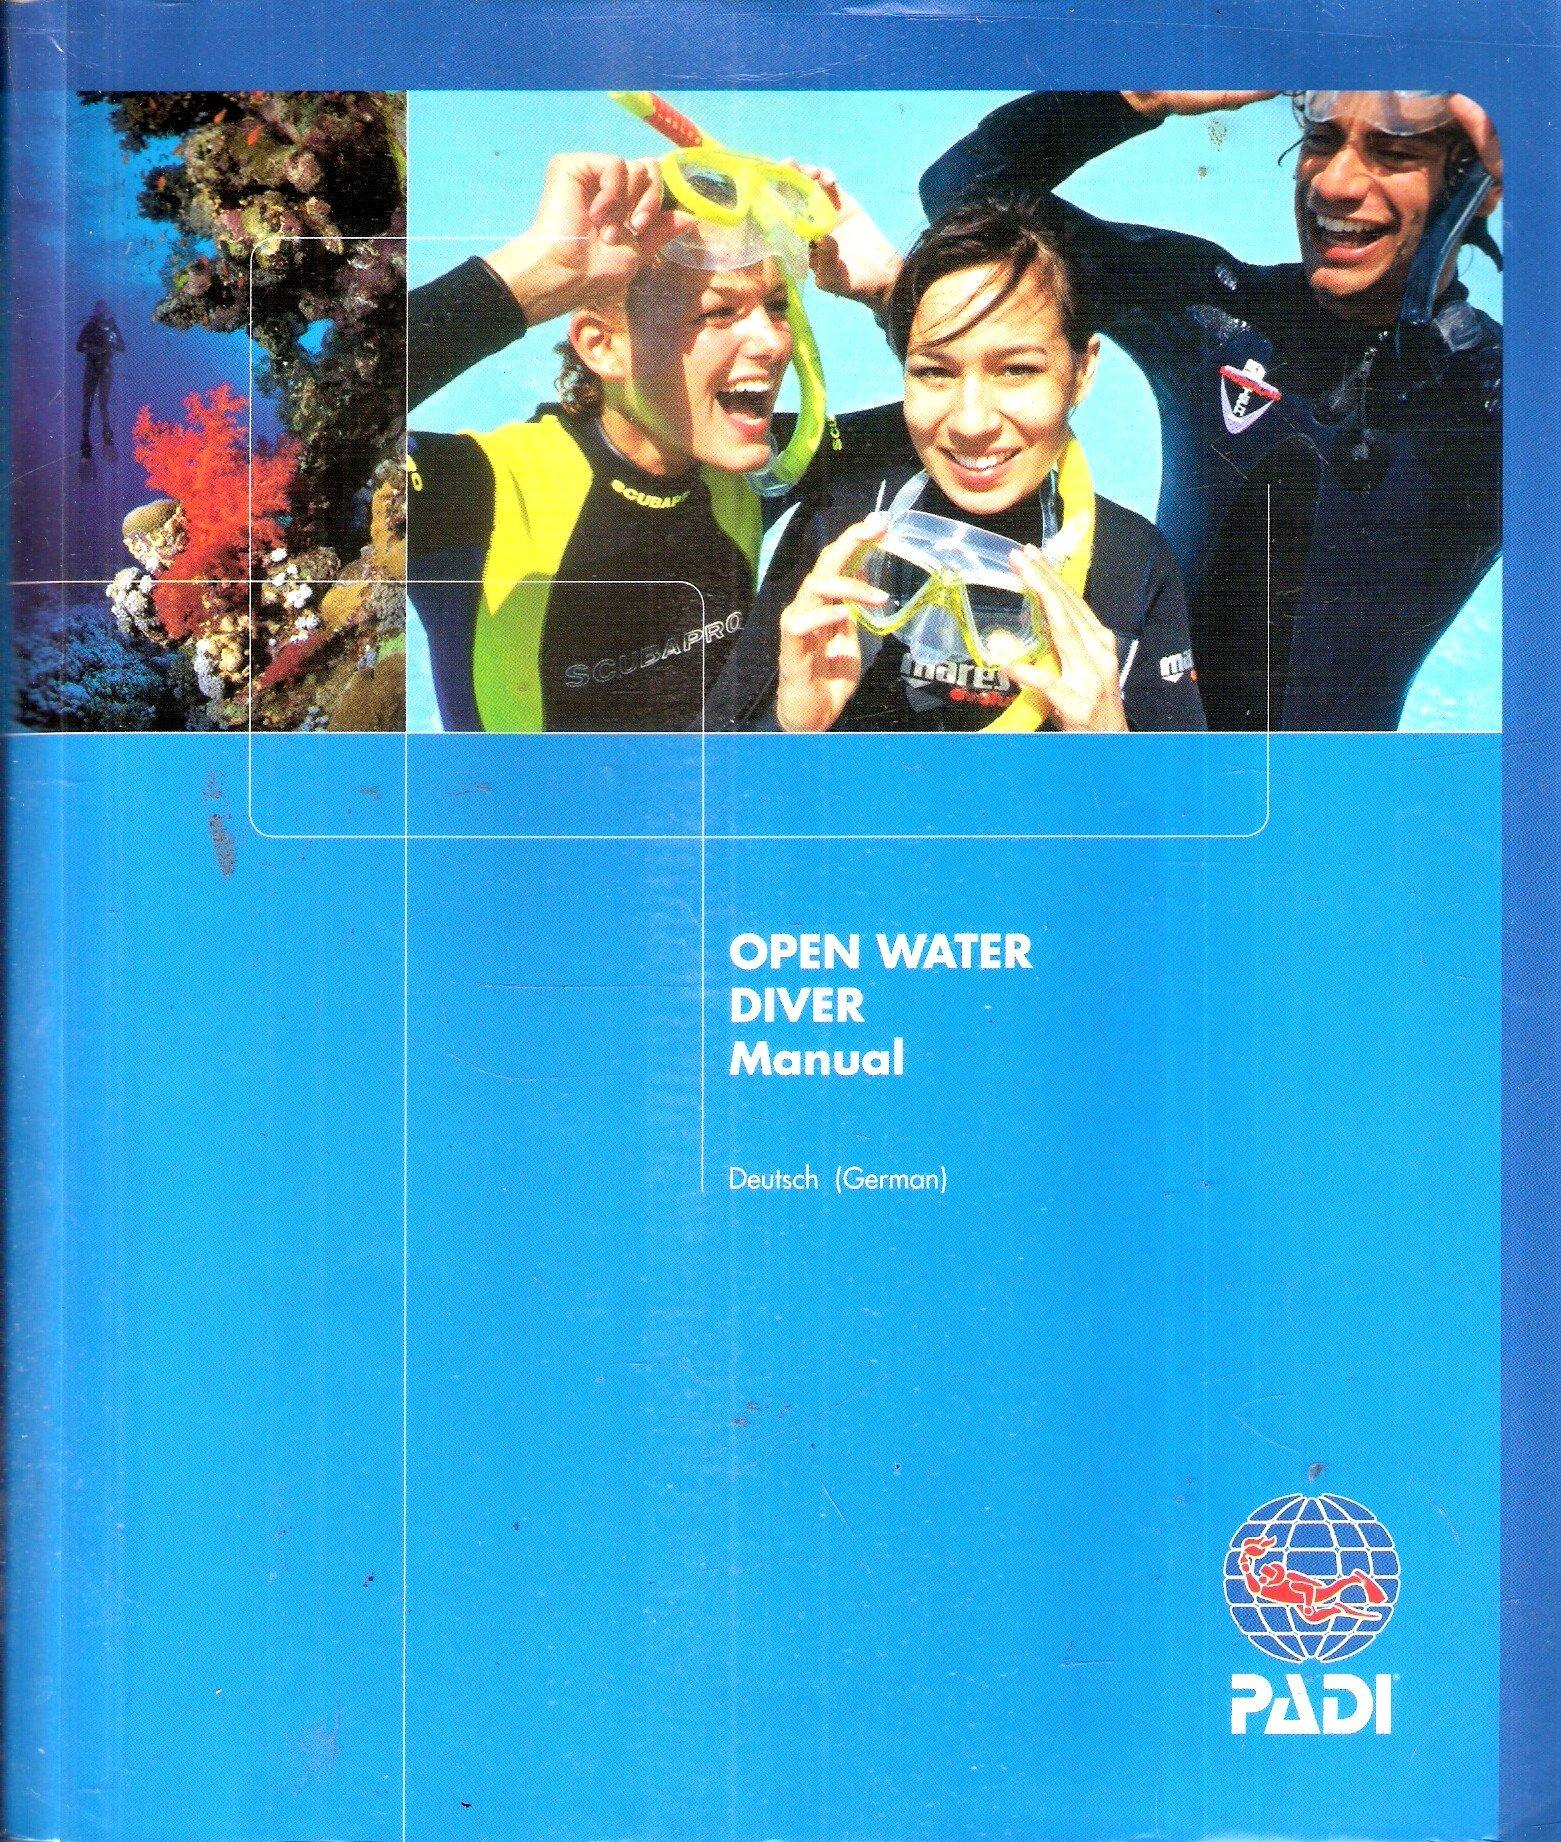 padi open water diver manual revised 2010 version padi rh amazon com Padi Open Water Diver Answers padi open water diver manual francais pdf